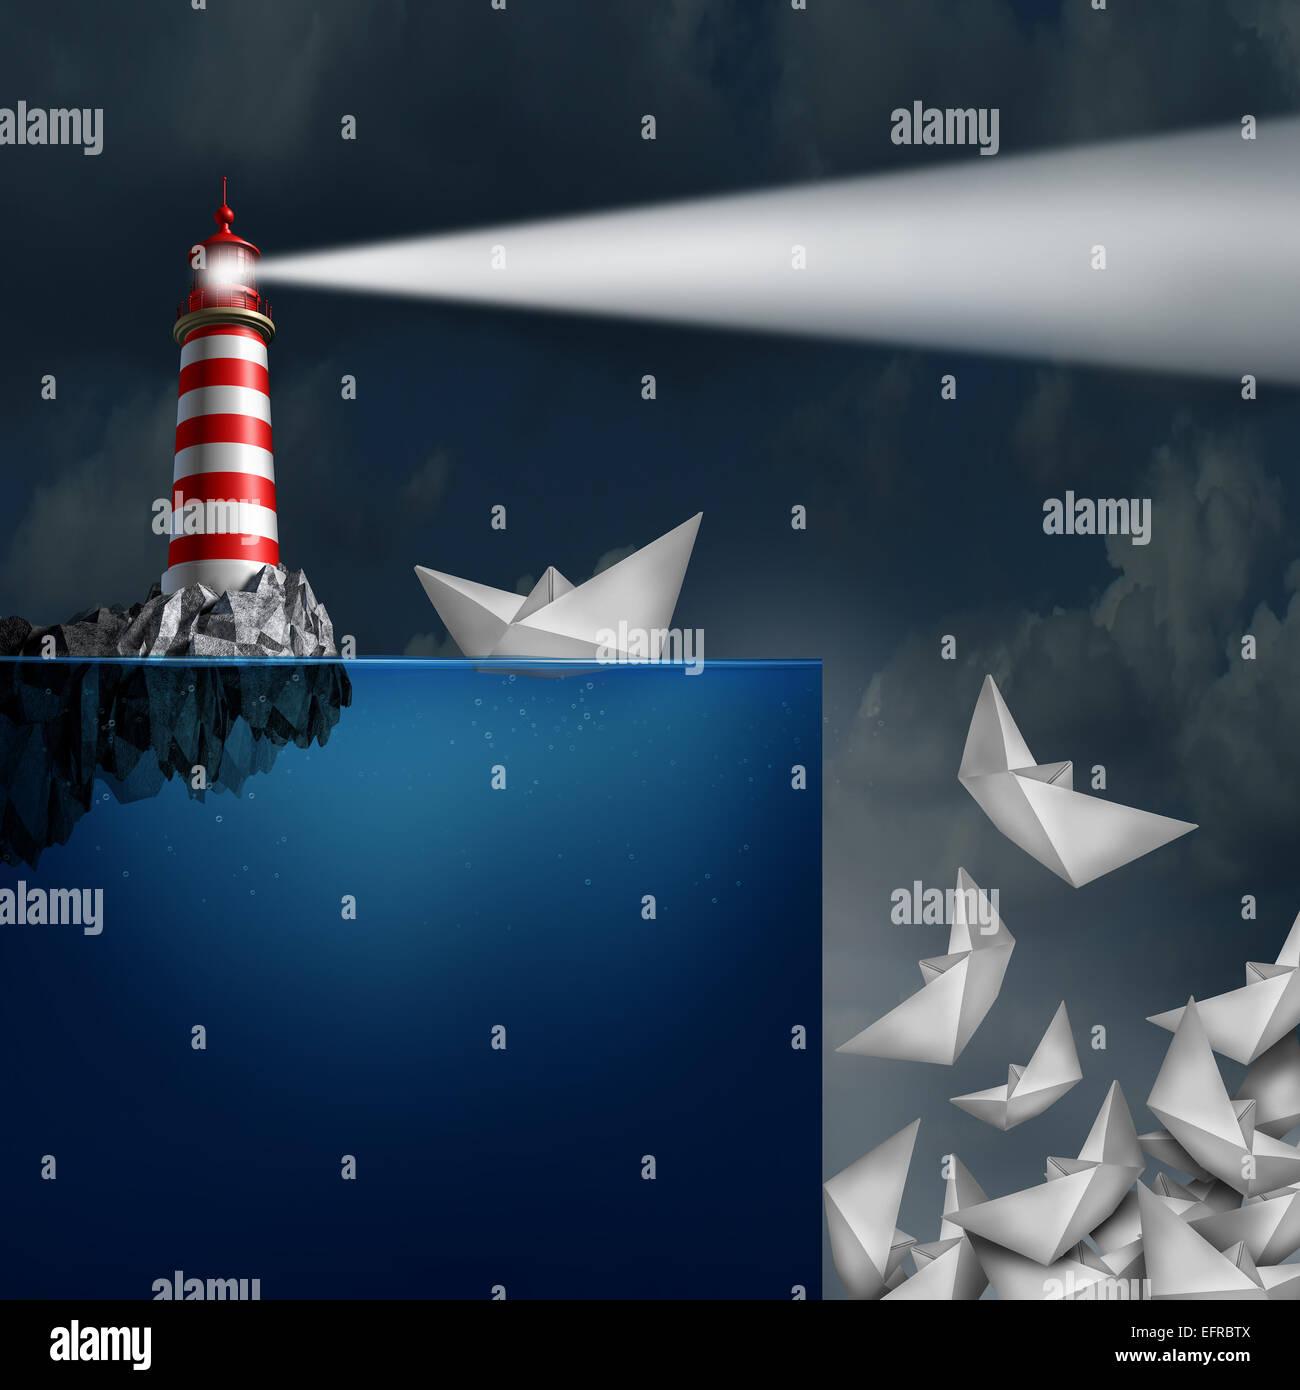 Mauvais conseils concept comme un phare avec une balise lumineuse falsly papier directeurs des navires au large Photo Stock